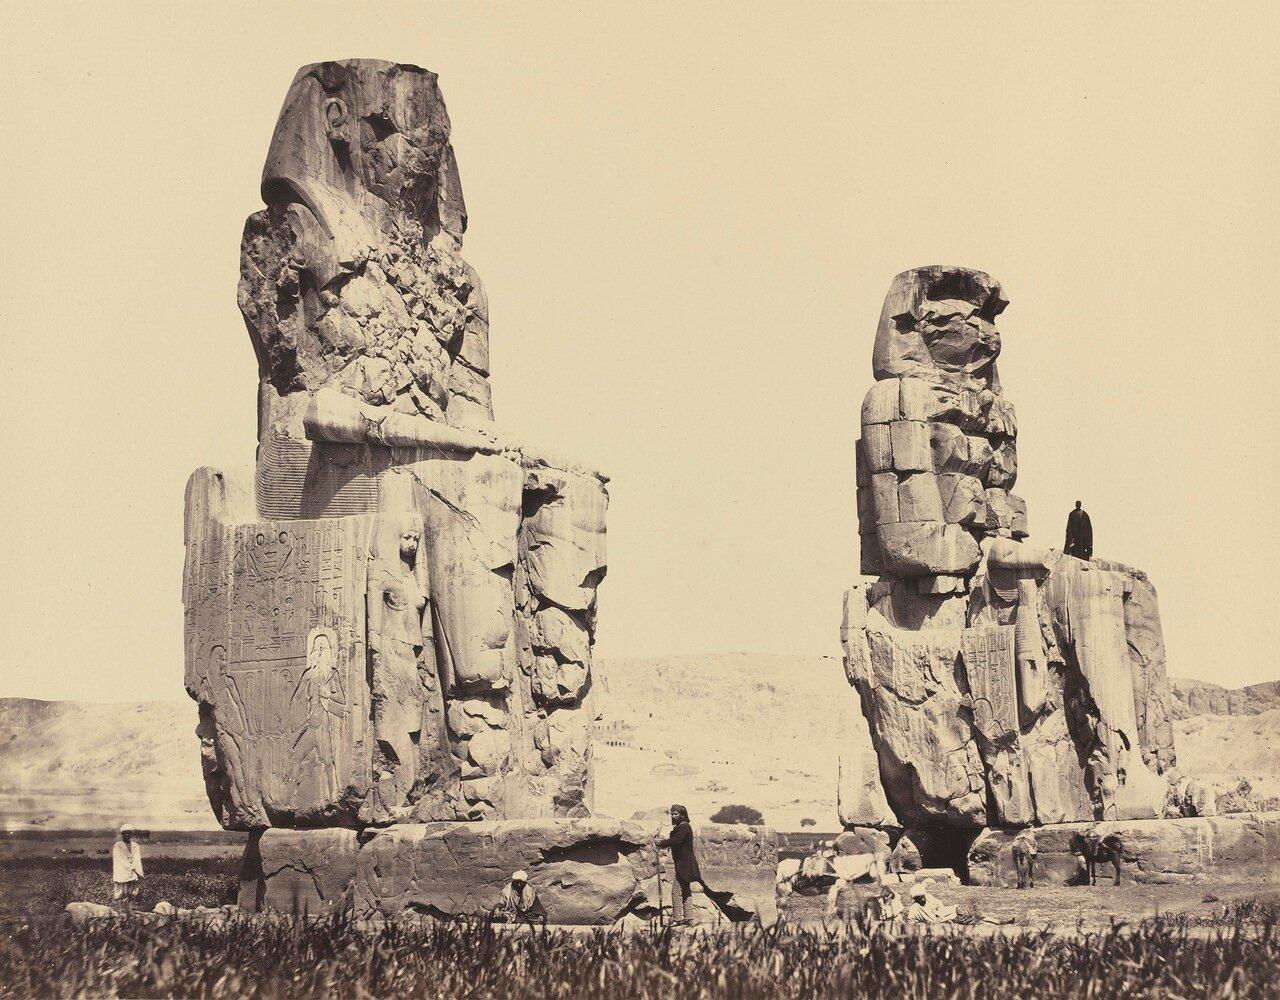 Фивы. Статуи на равнине. 1958